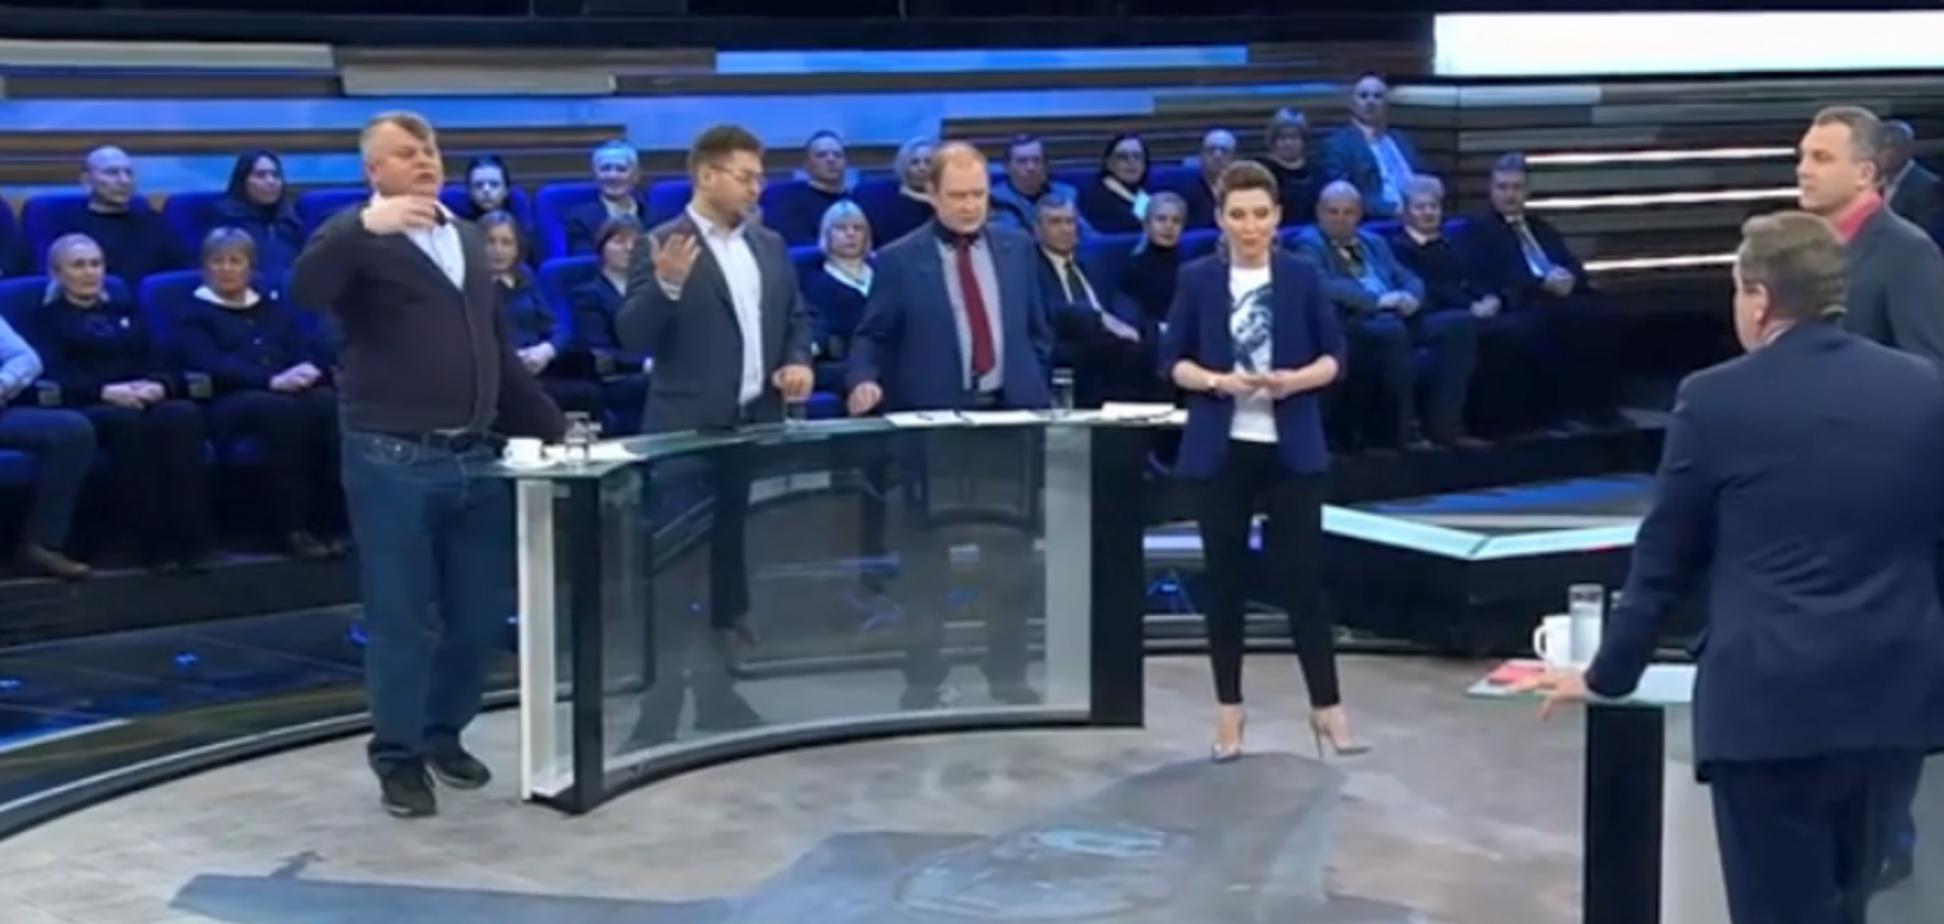 'Получишь по морде!' Украинец на росТВ вывел из себя депутата Госдумы